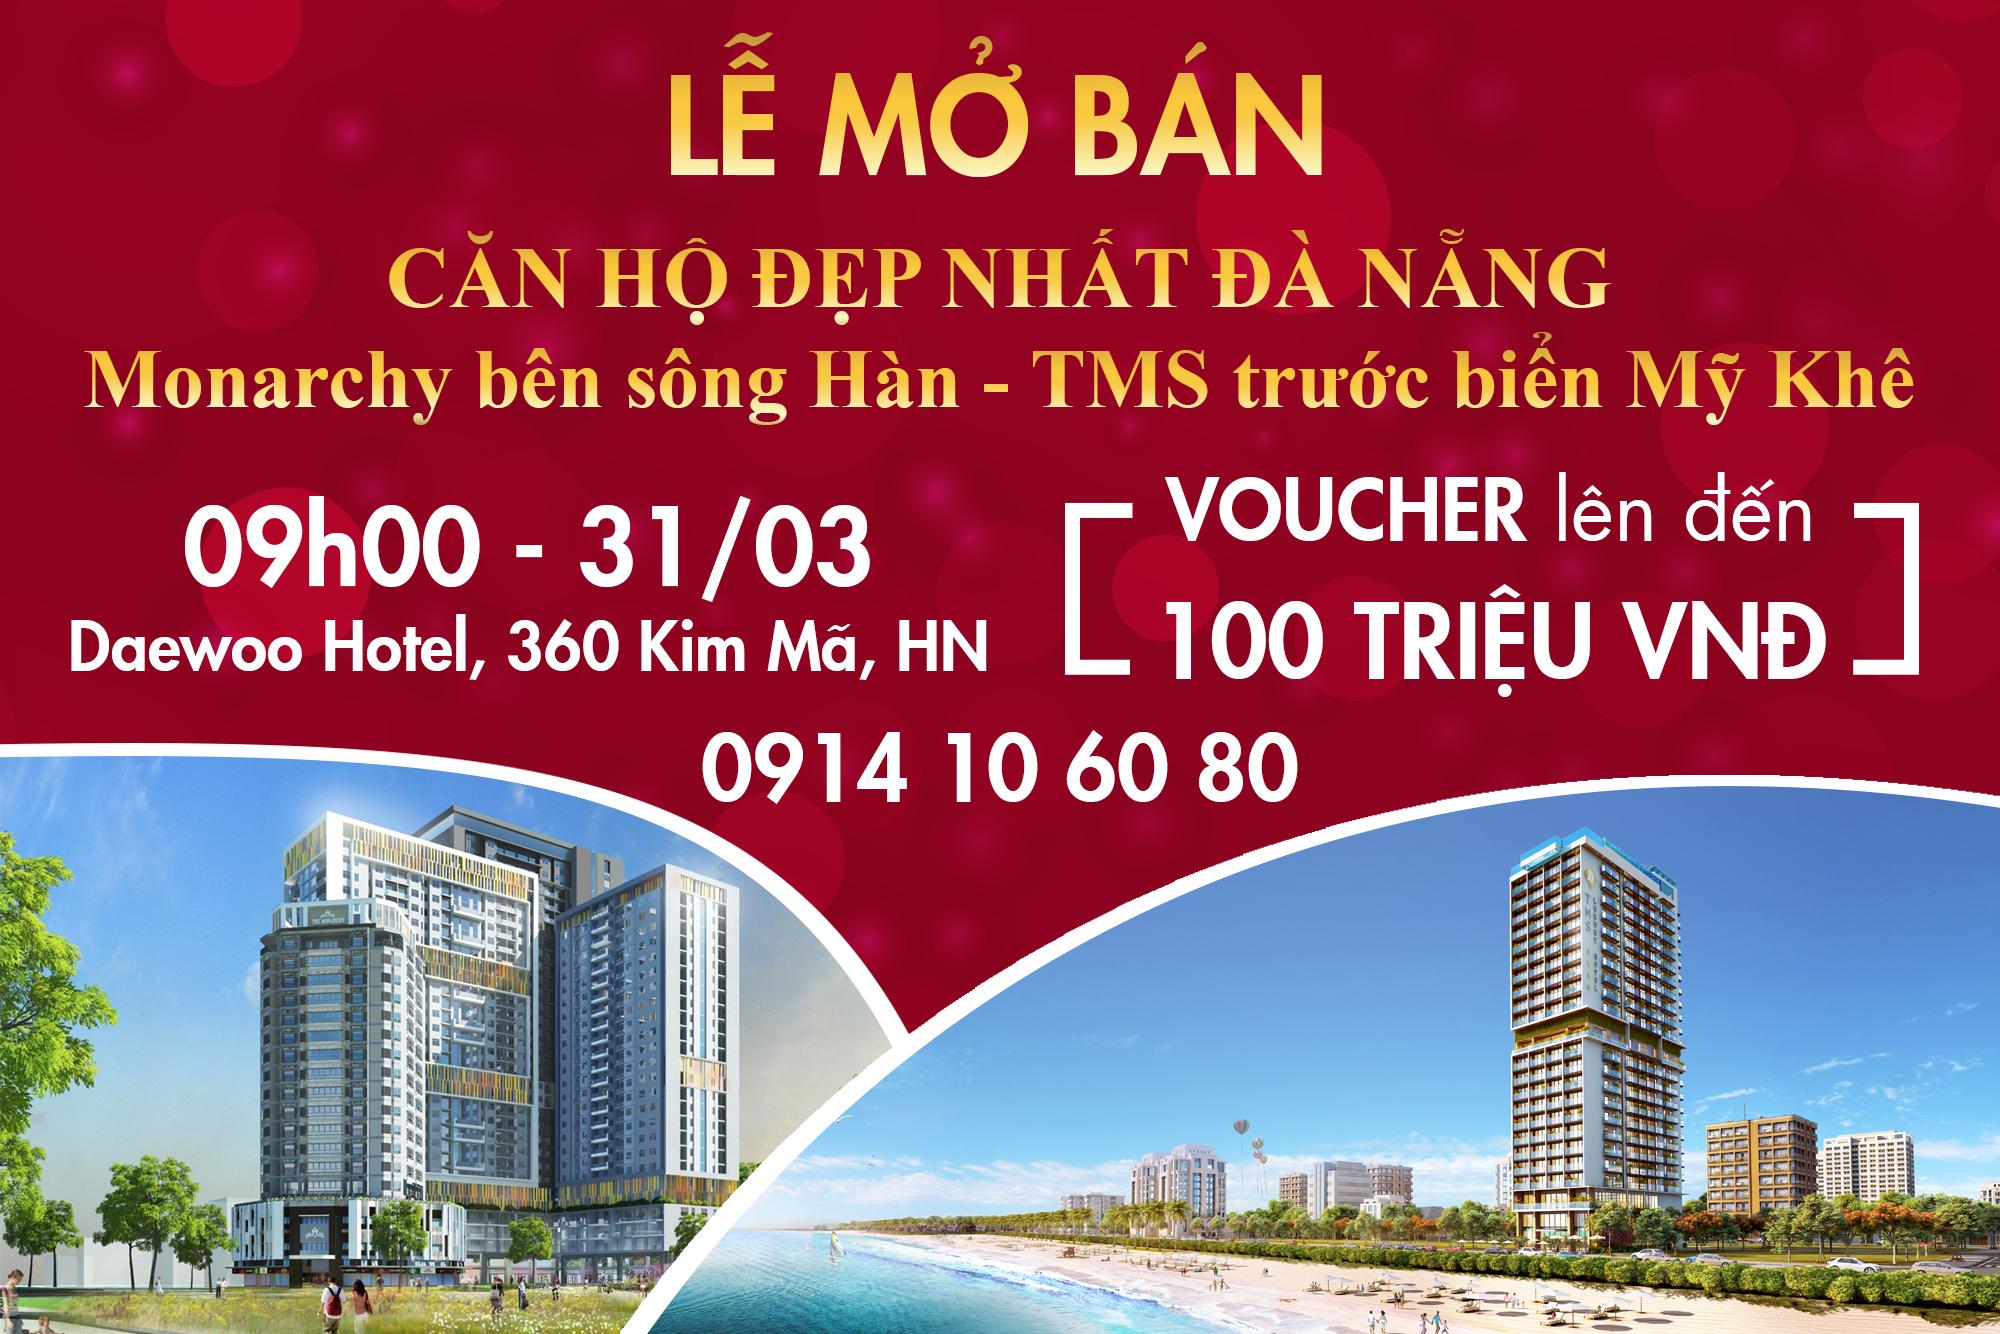 Cơ hội cho nhiều nhà đầu tư Hà Thành khi căn hộ nghỉ dưỡng Monarchy được mở bán vào ngày 31-03 tới